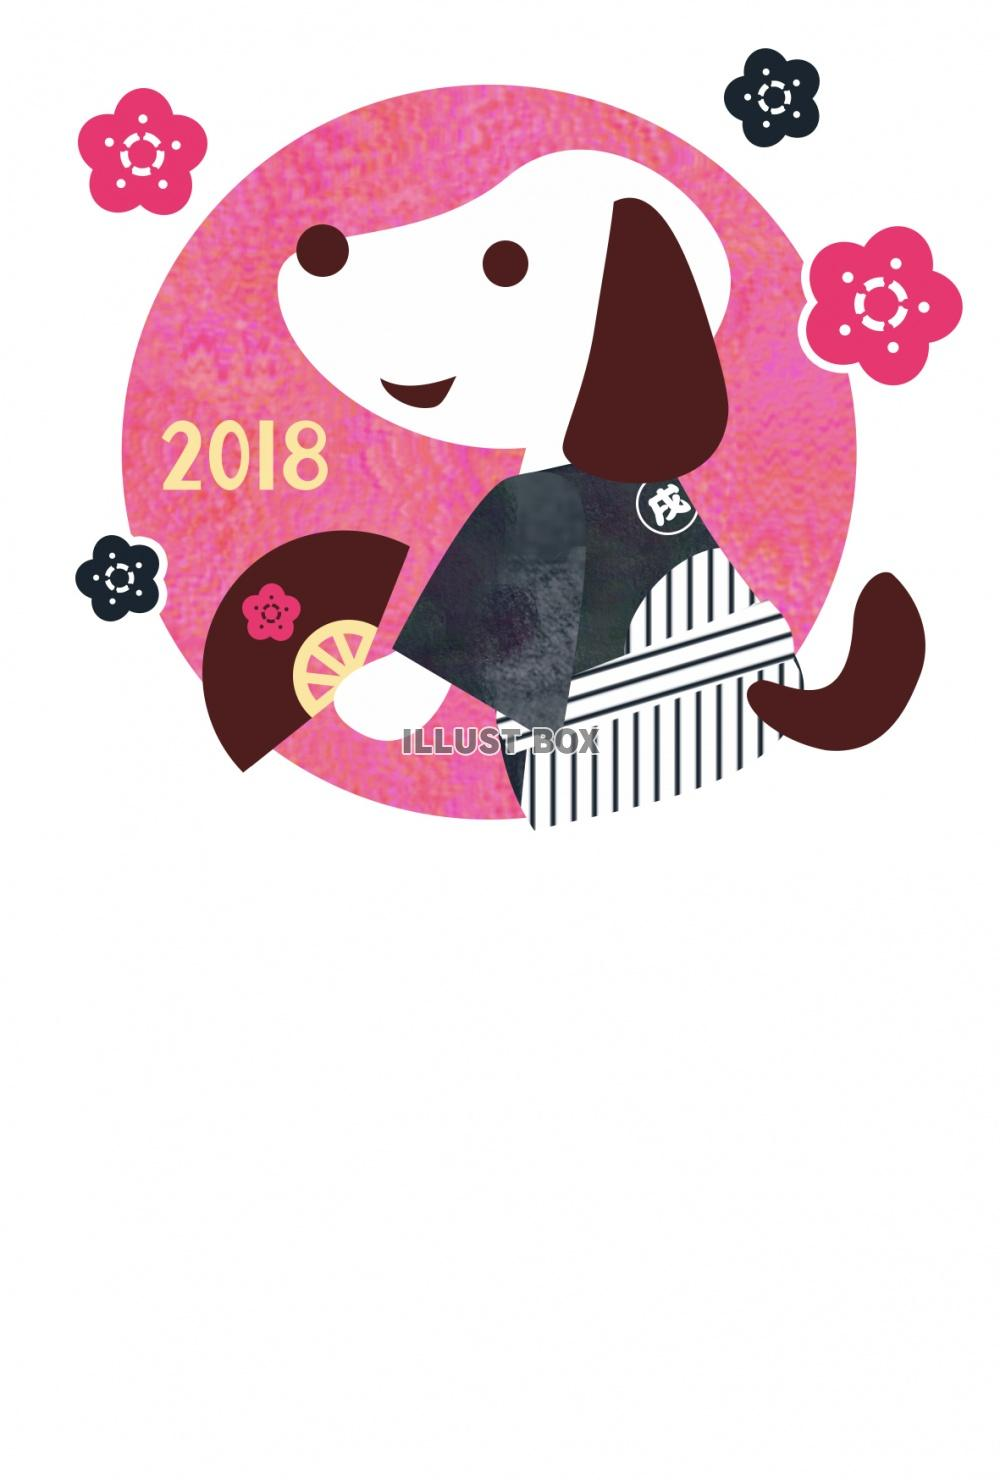 無料イラスト 晴れ着犬 2018年年賀状素材